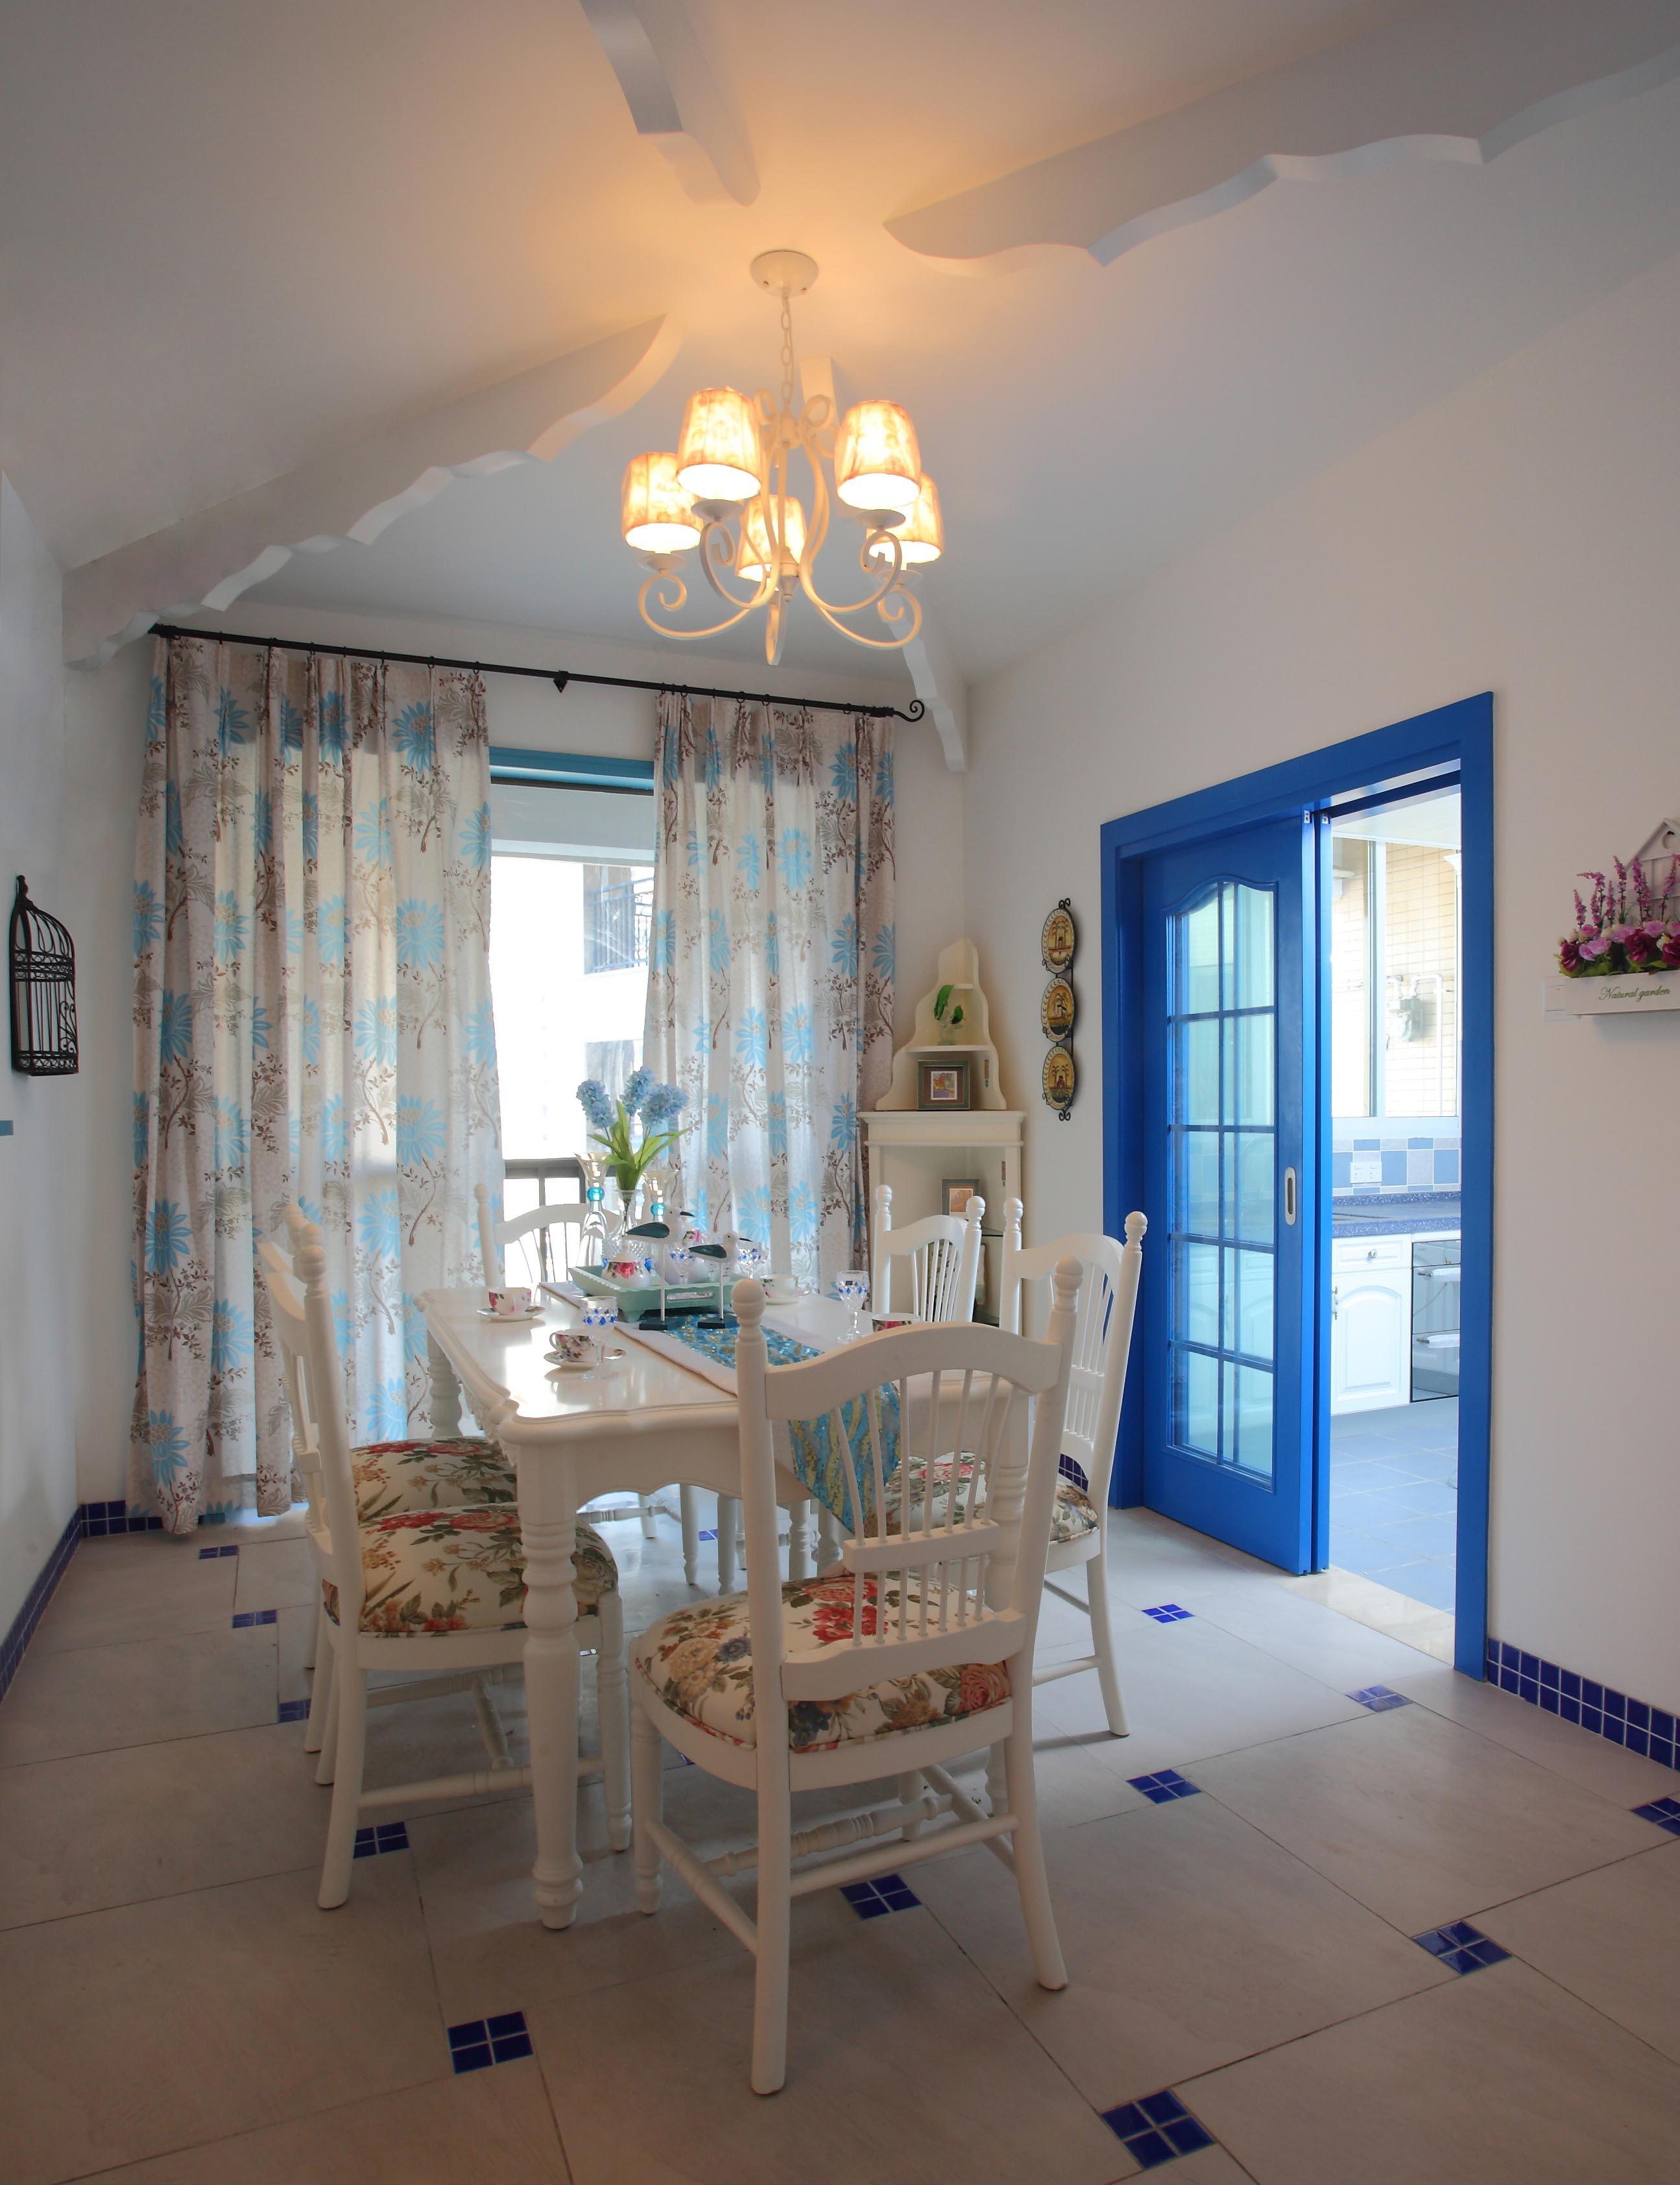 整個室內空間裝修風格為地中海風格,藍白色調的搭配